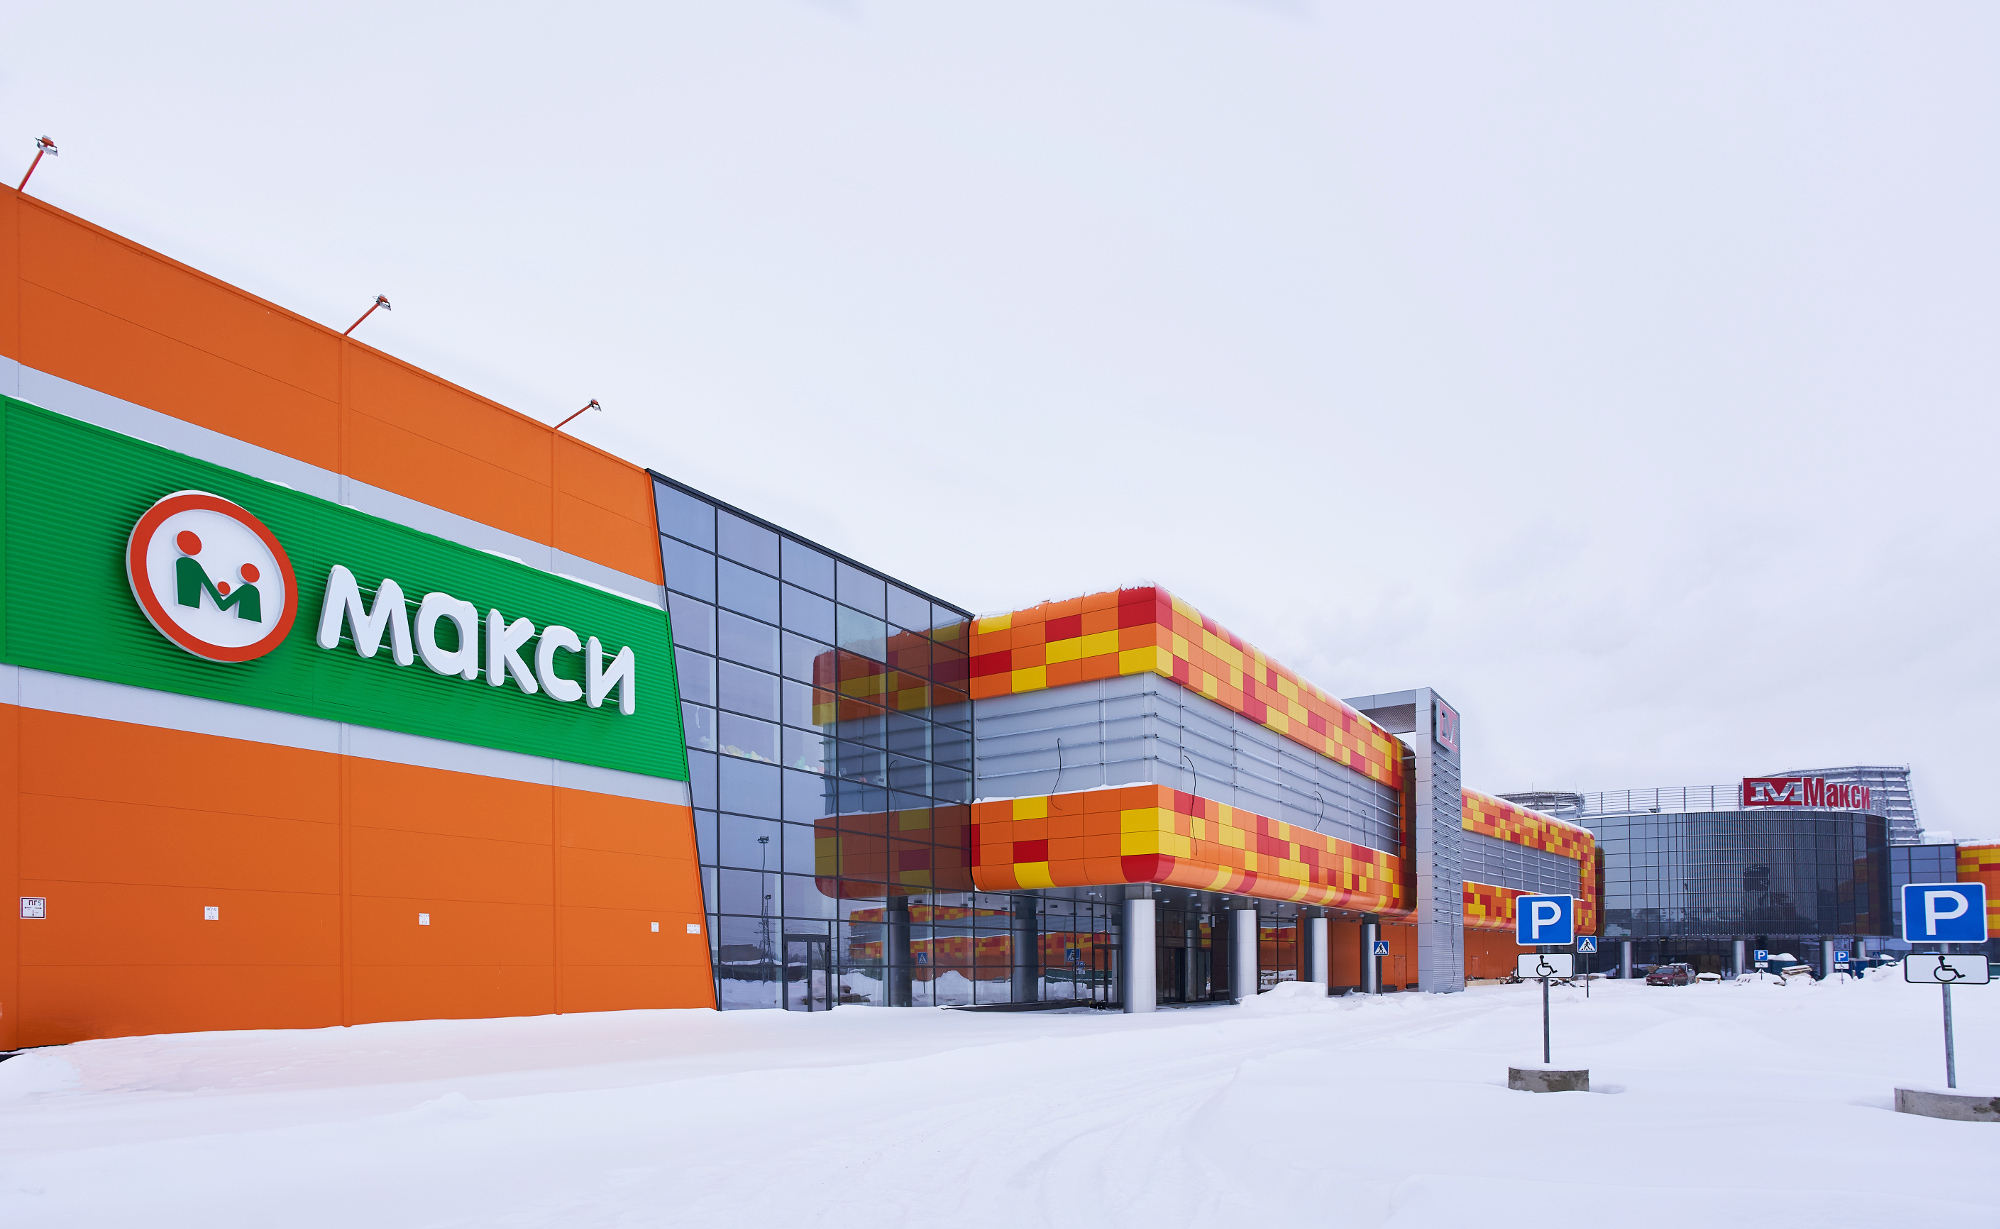 Один месяц до открытия «Макси» в Кирове